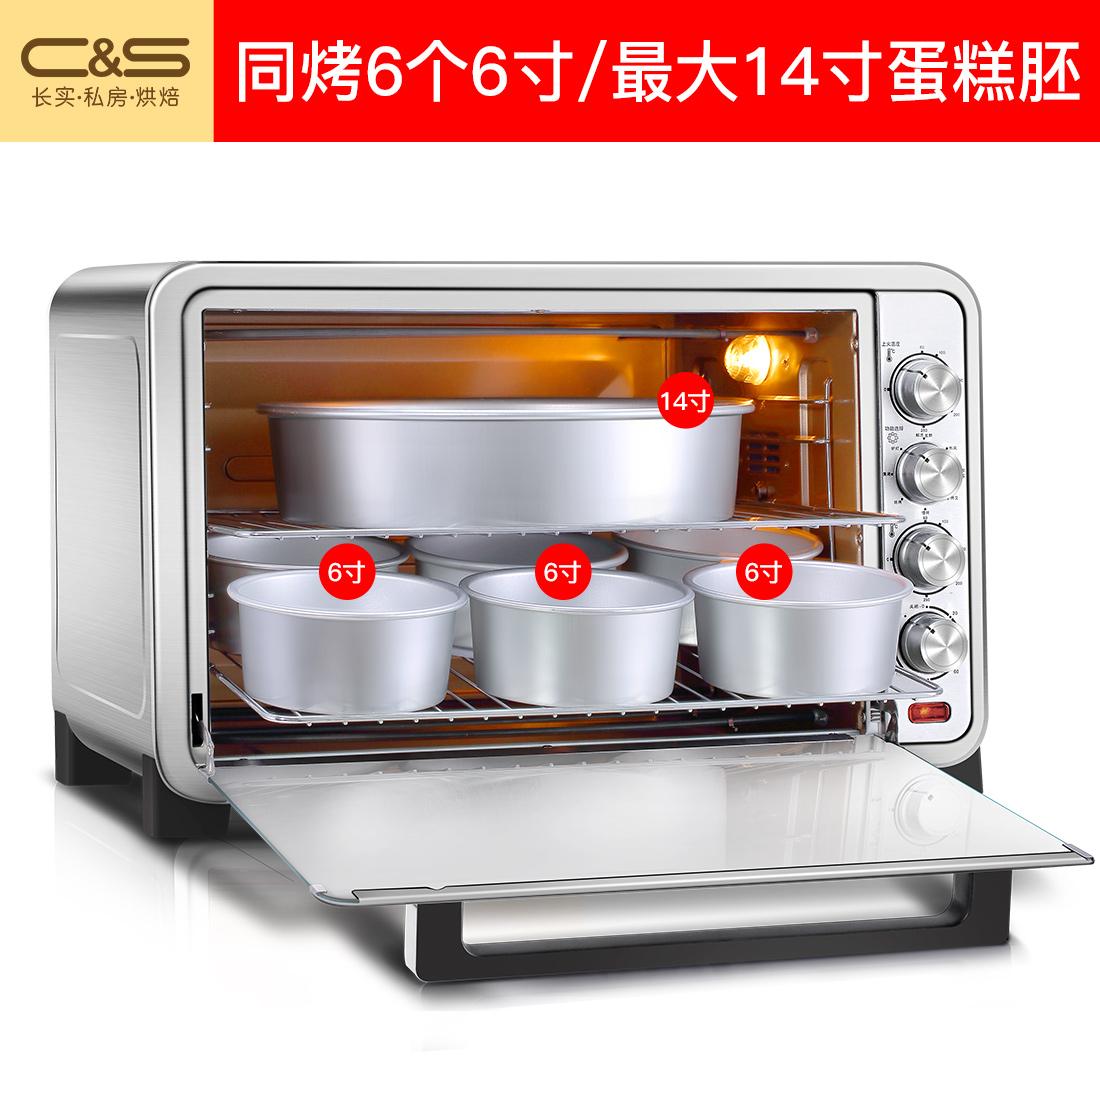 长实 CS70-01烤箱家用烘焙蛋糕多功能全自动 商用烤箱大容量70升